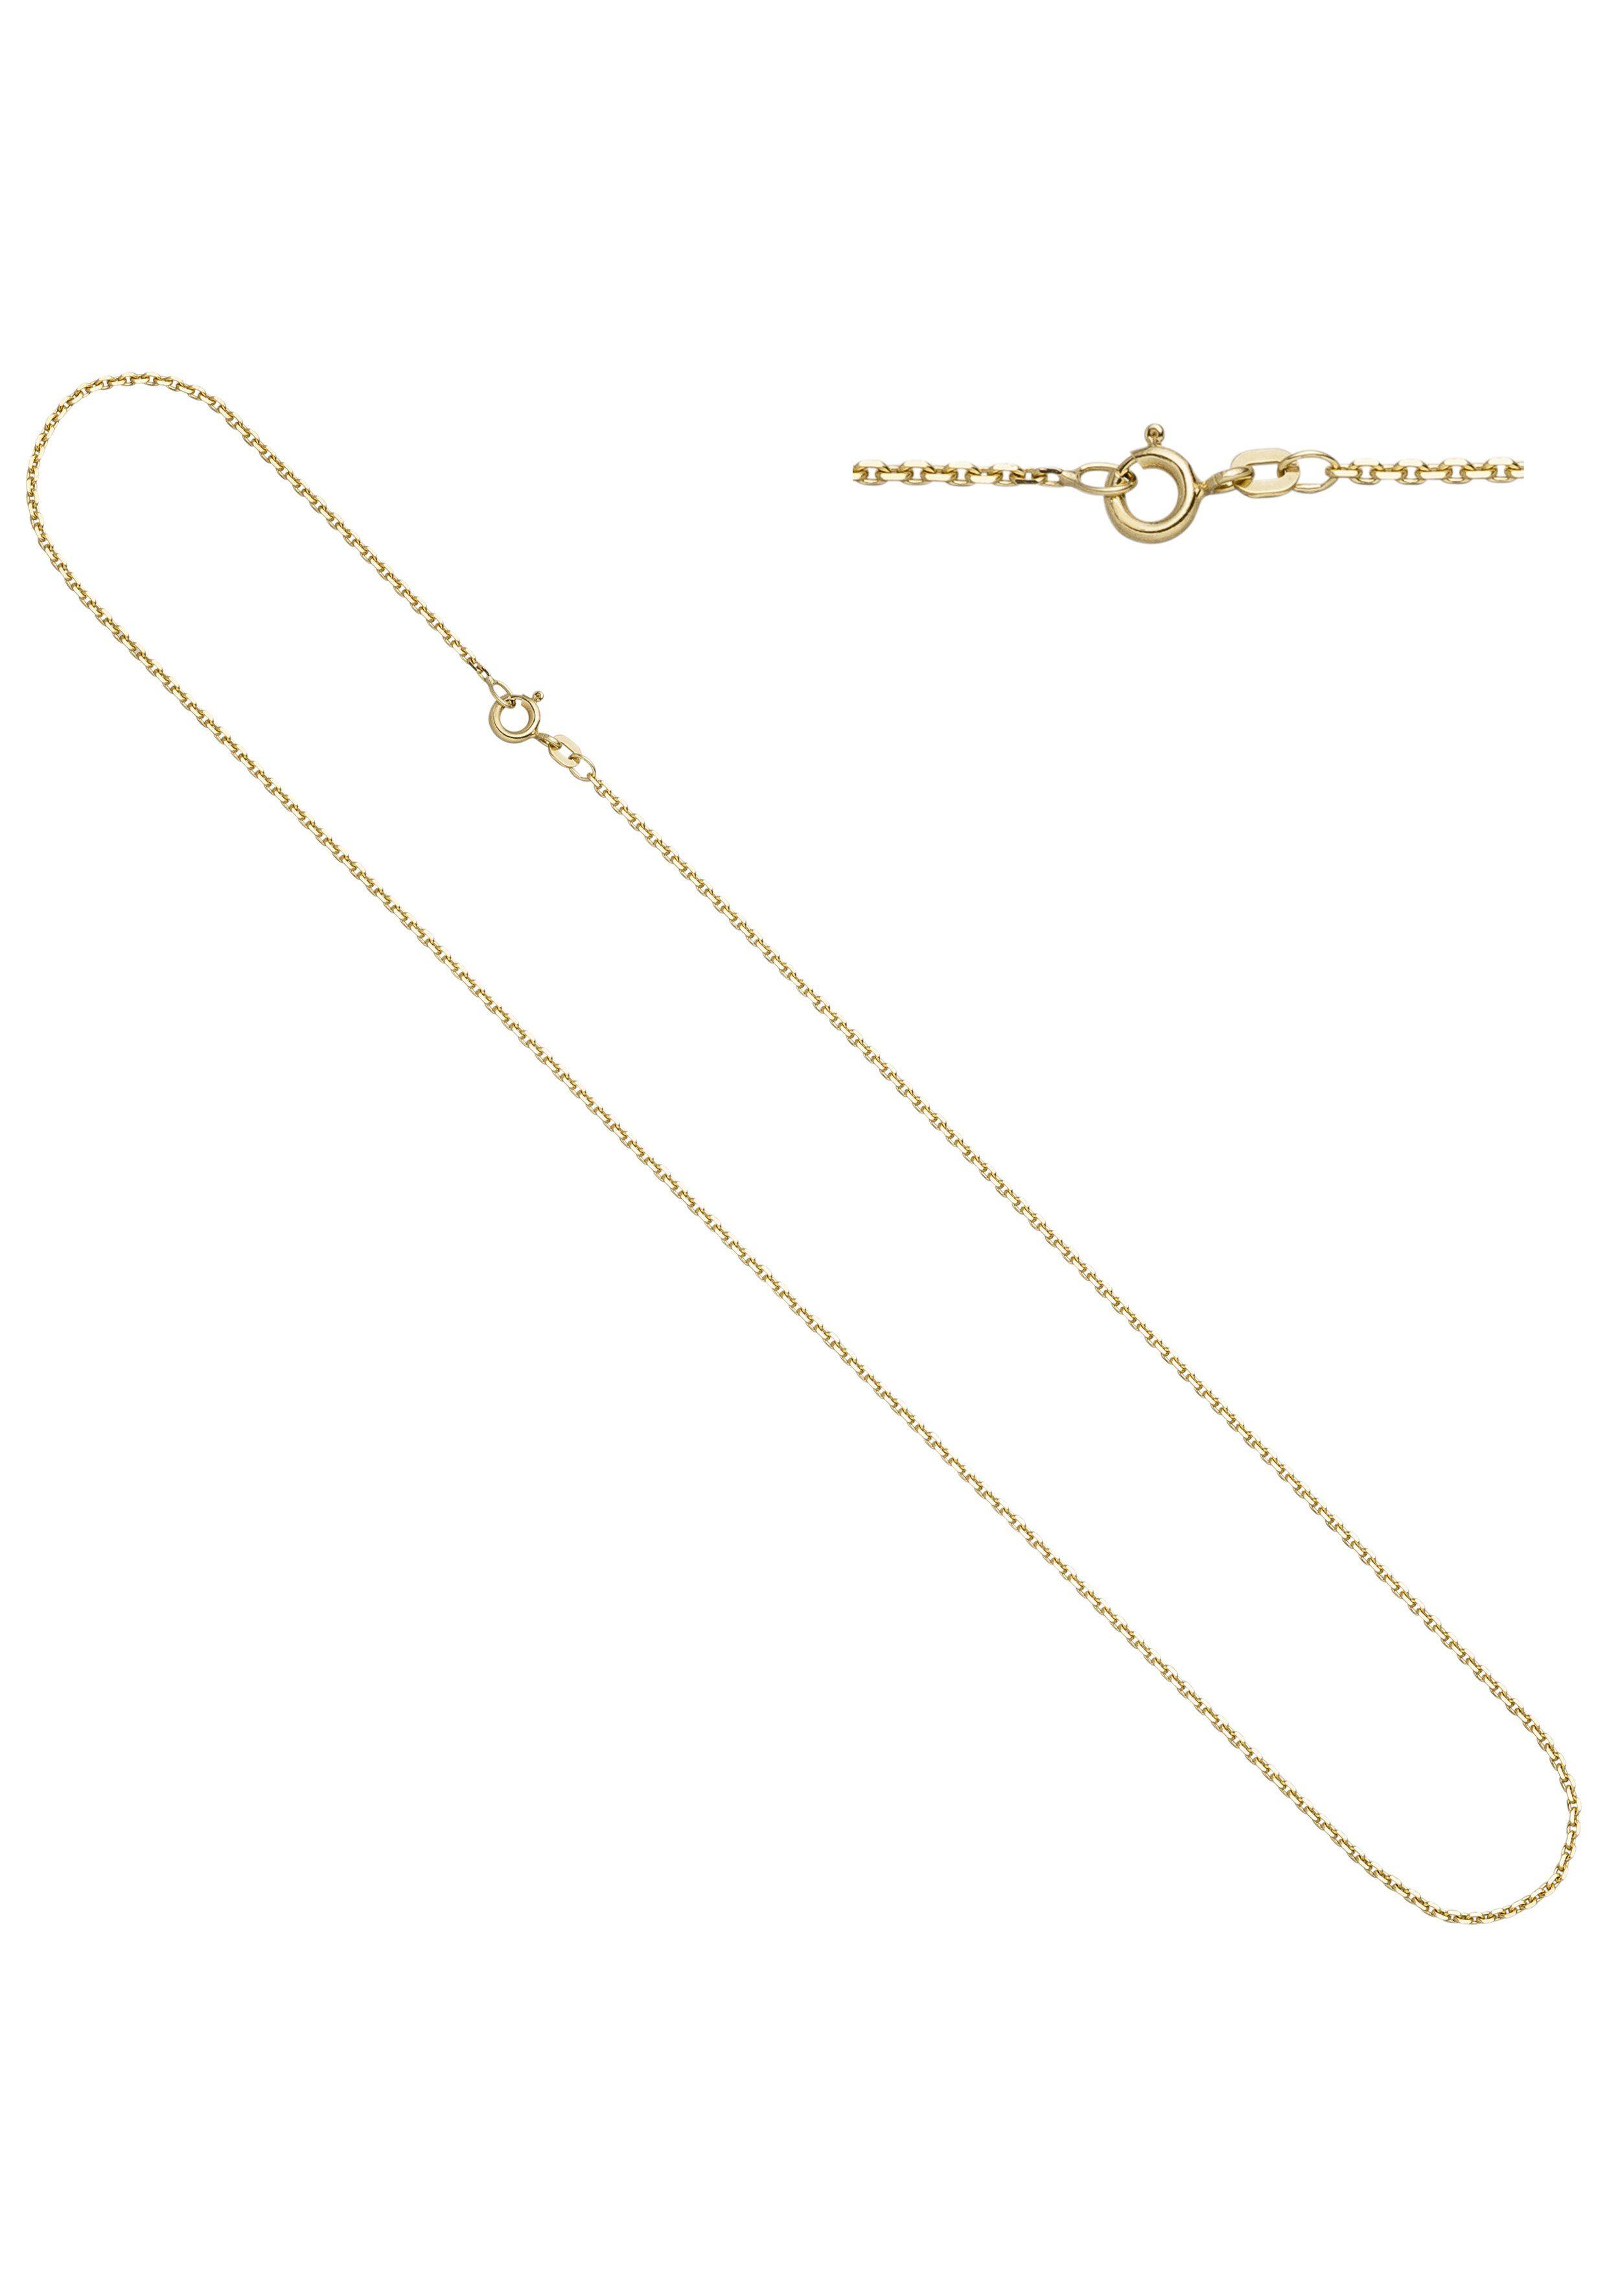 JOBO Goldkette Ankerkette 333 Gold 42 cm 1,2 mm